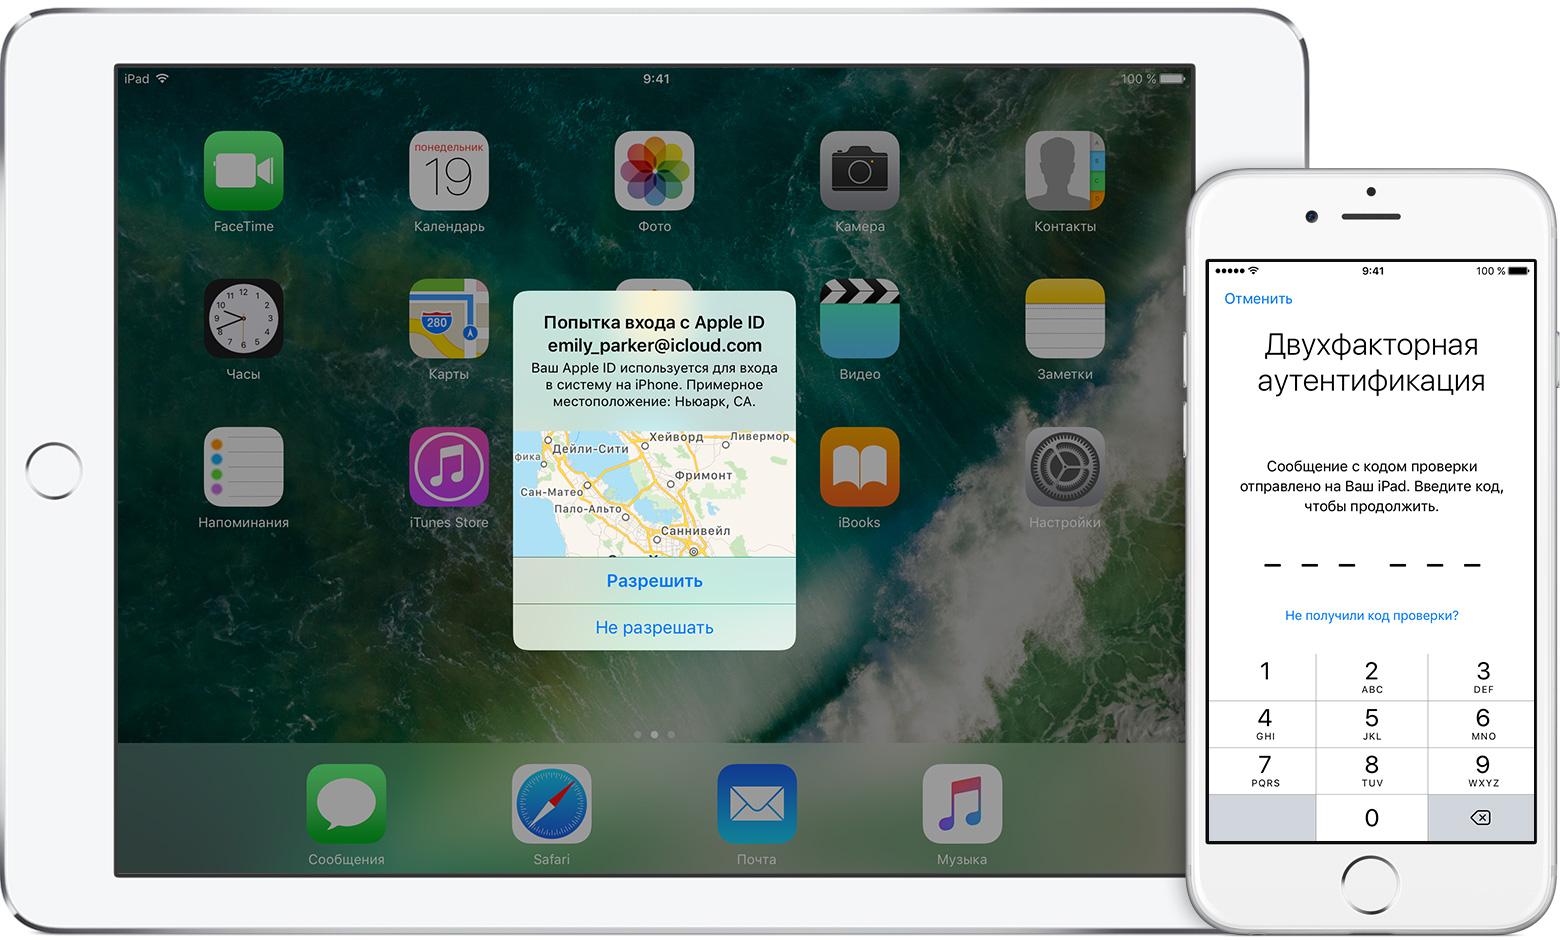 учетная запись apple id инструкция по установке iphone 5